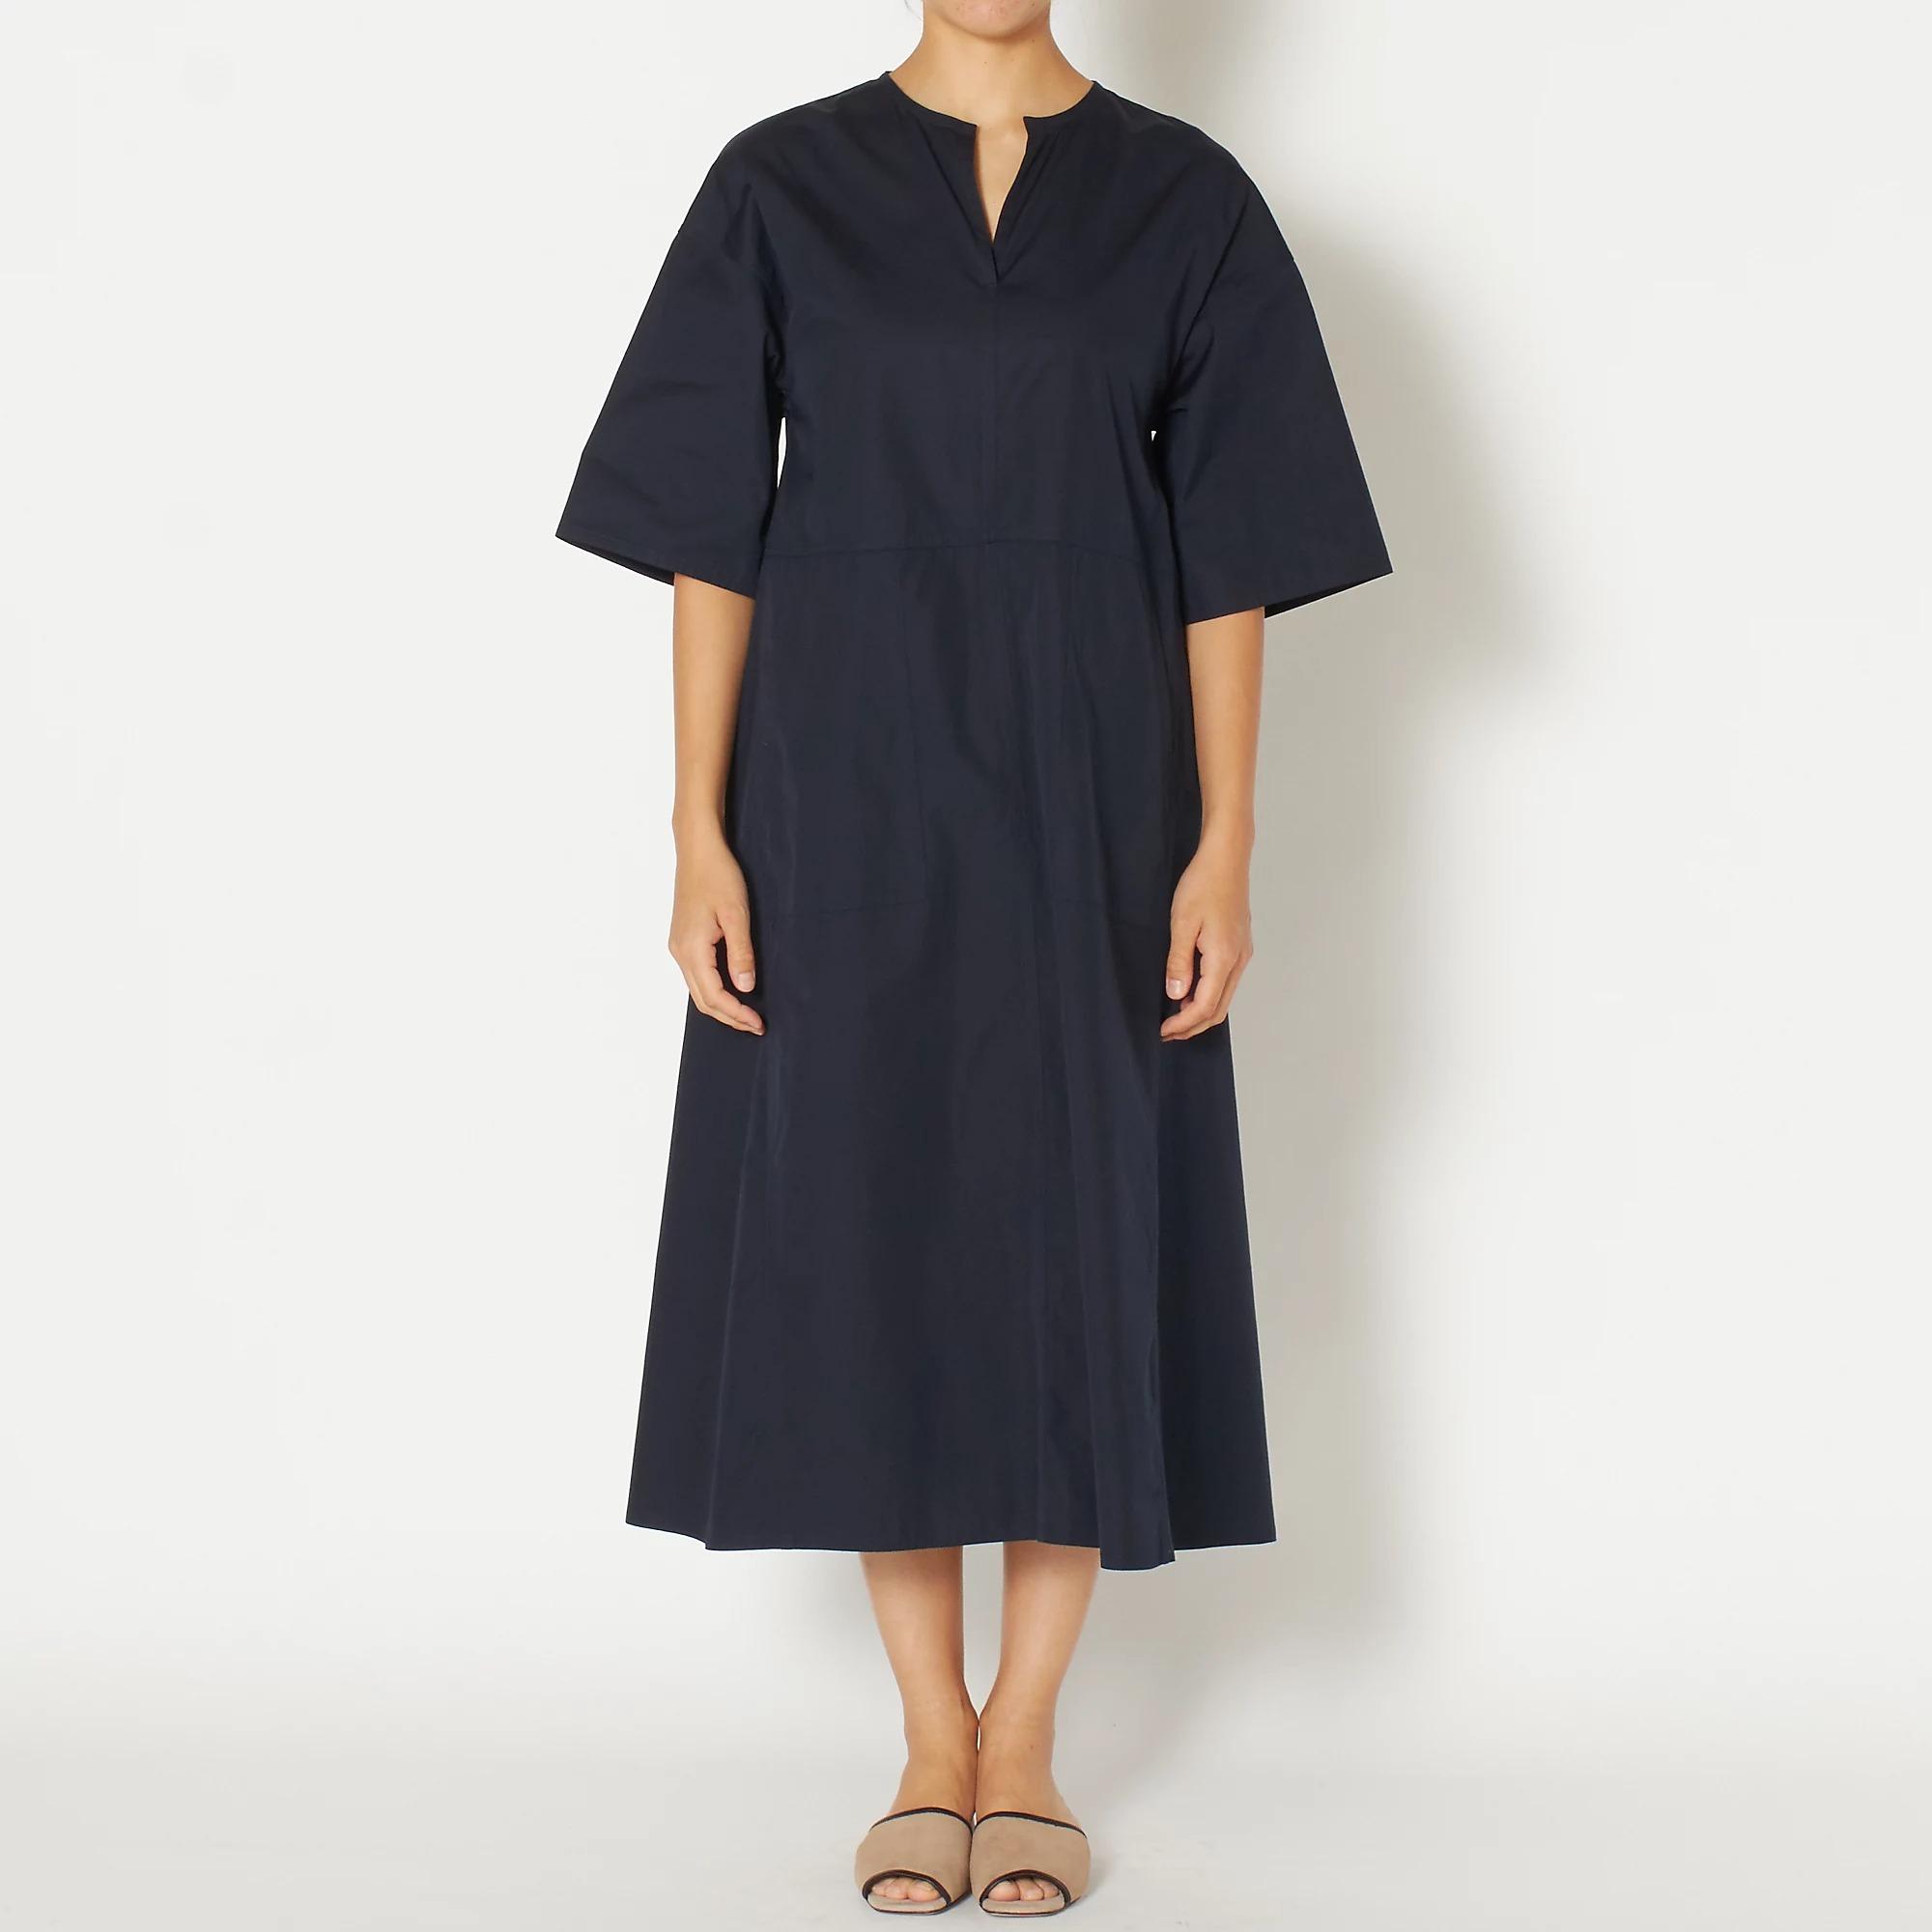 TICCA キーネックロングドレス ¥31,900(税込)